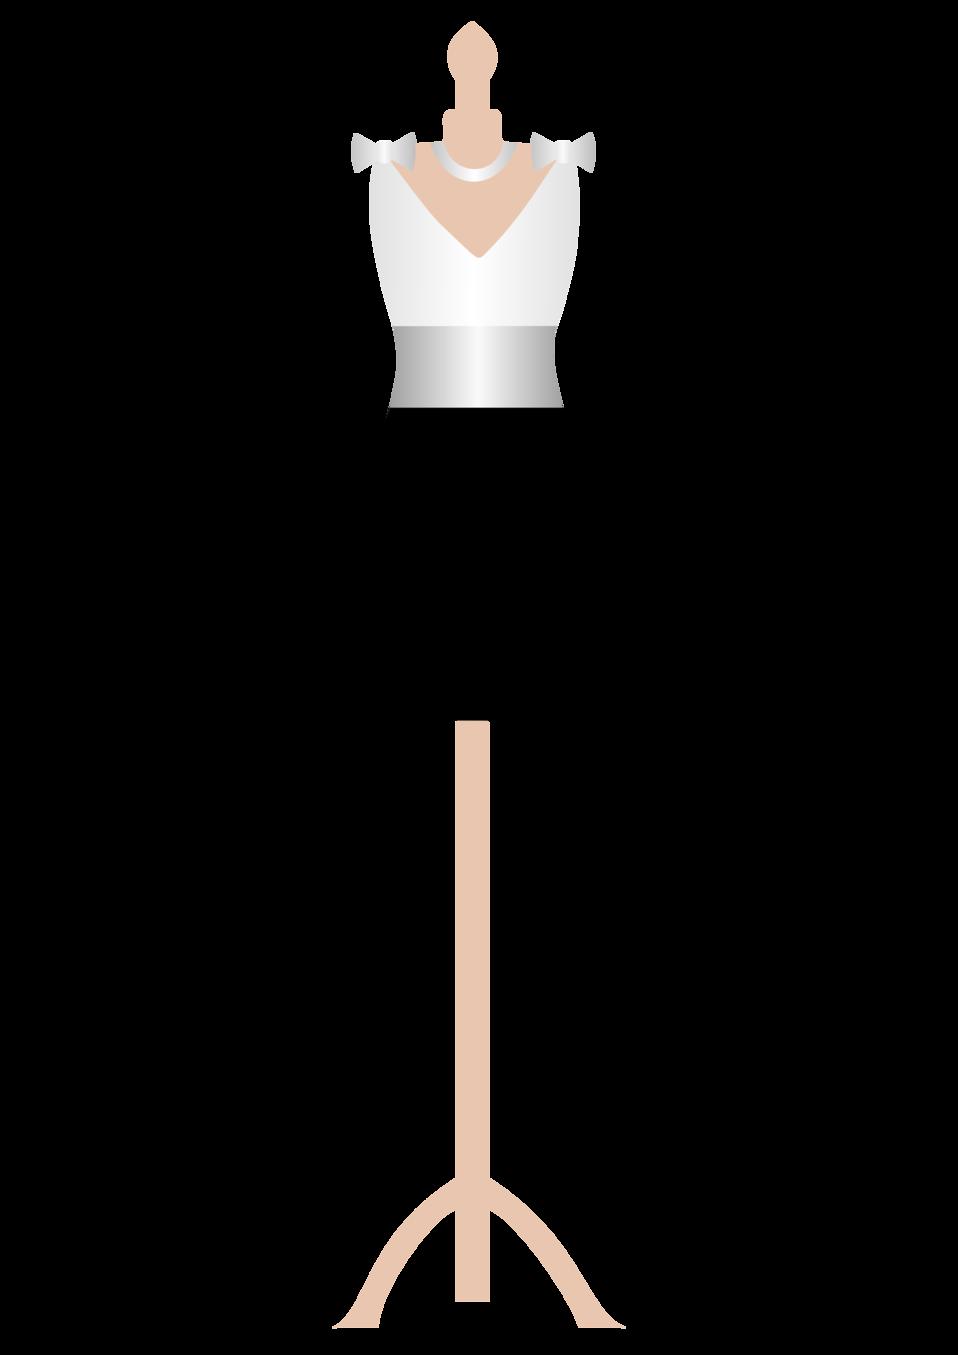 Public domain clip art. Clothing clipart mannequin